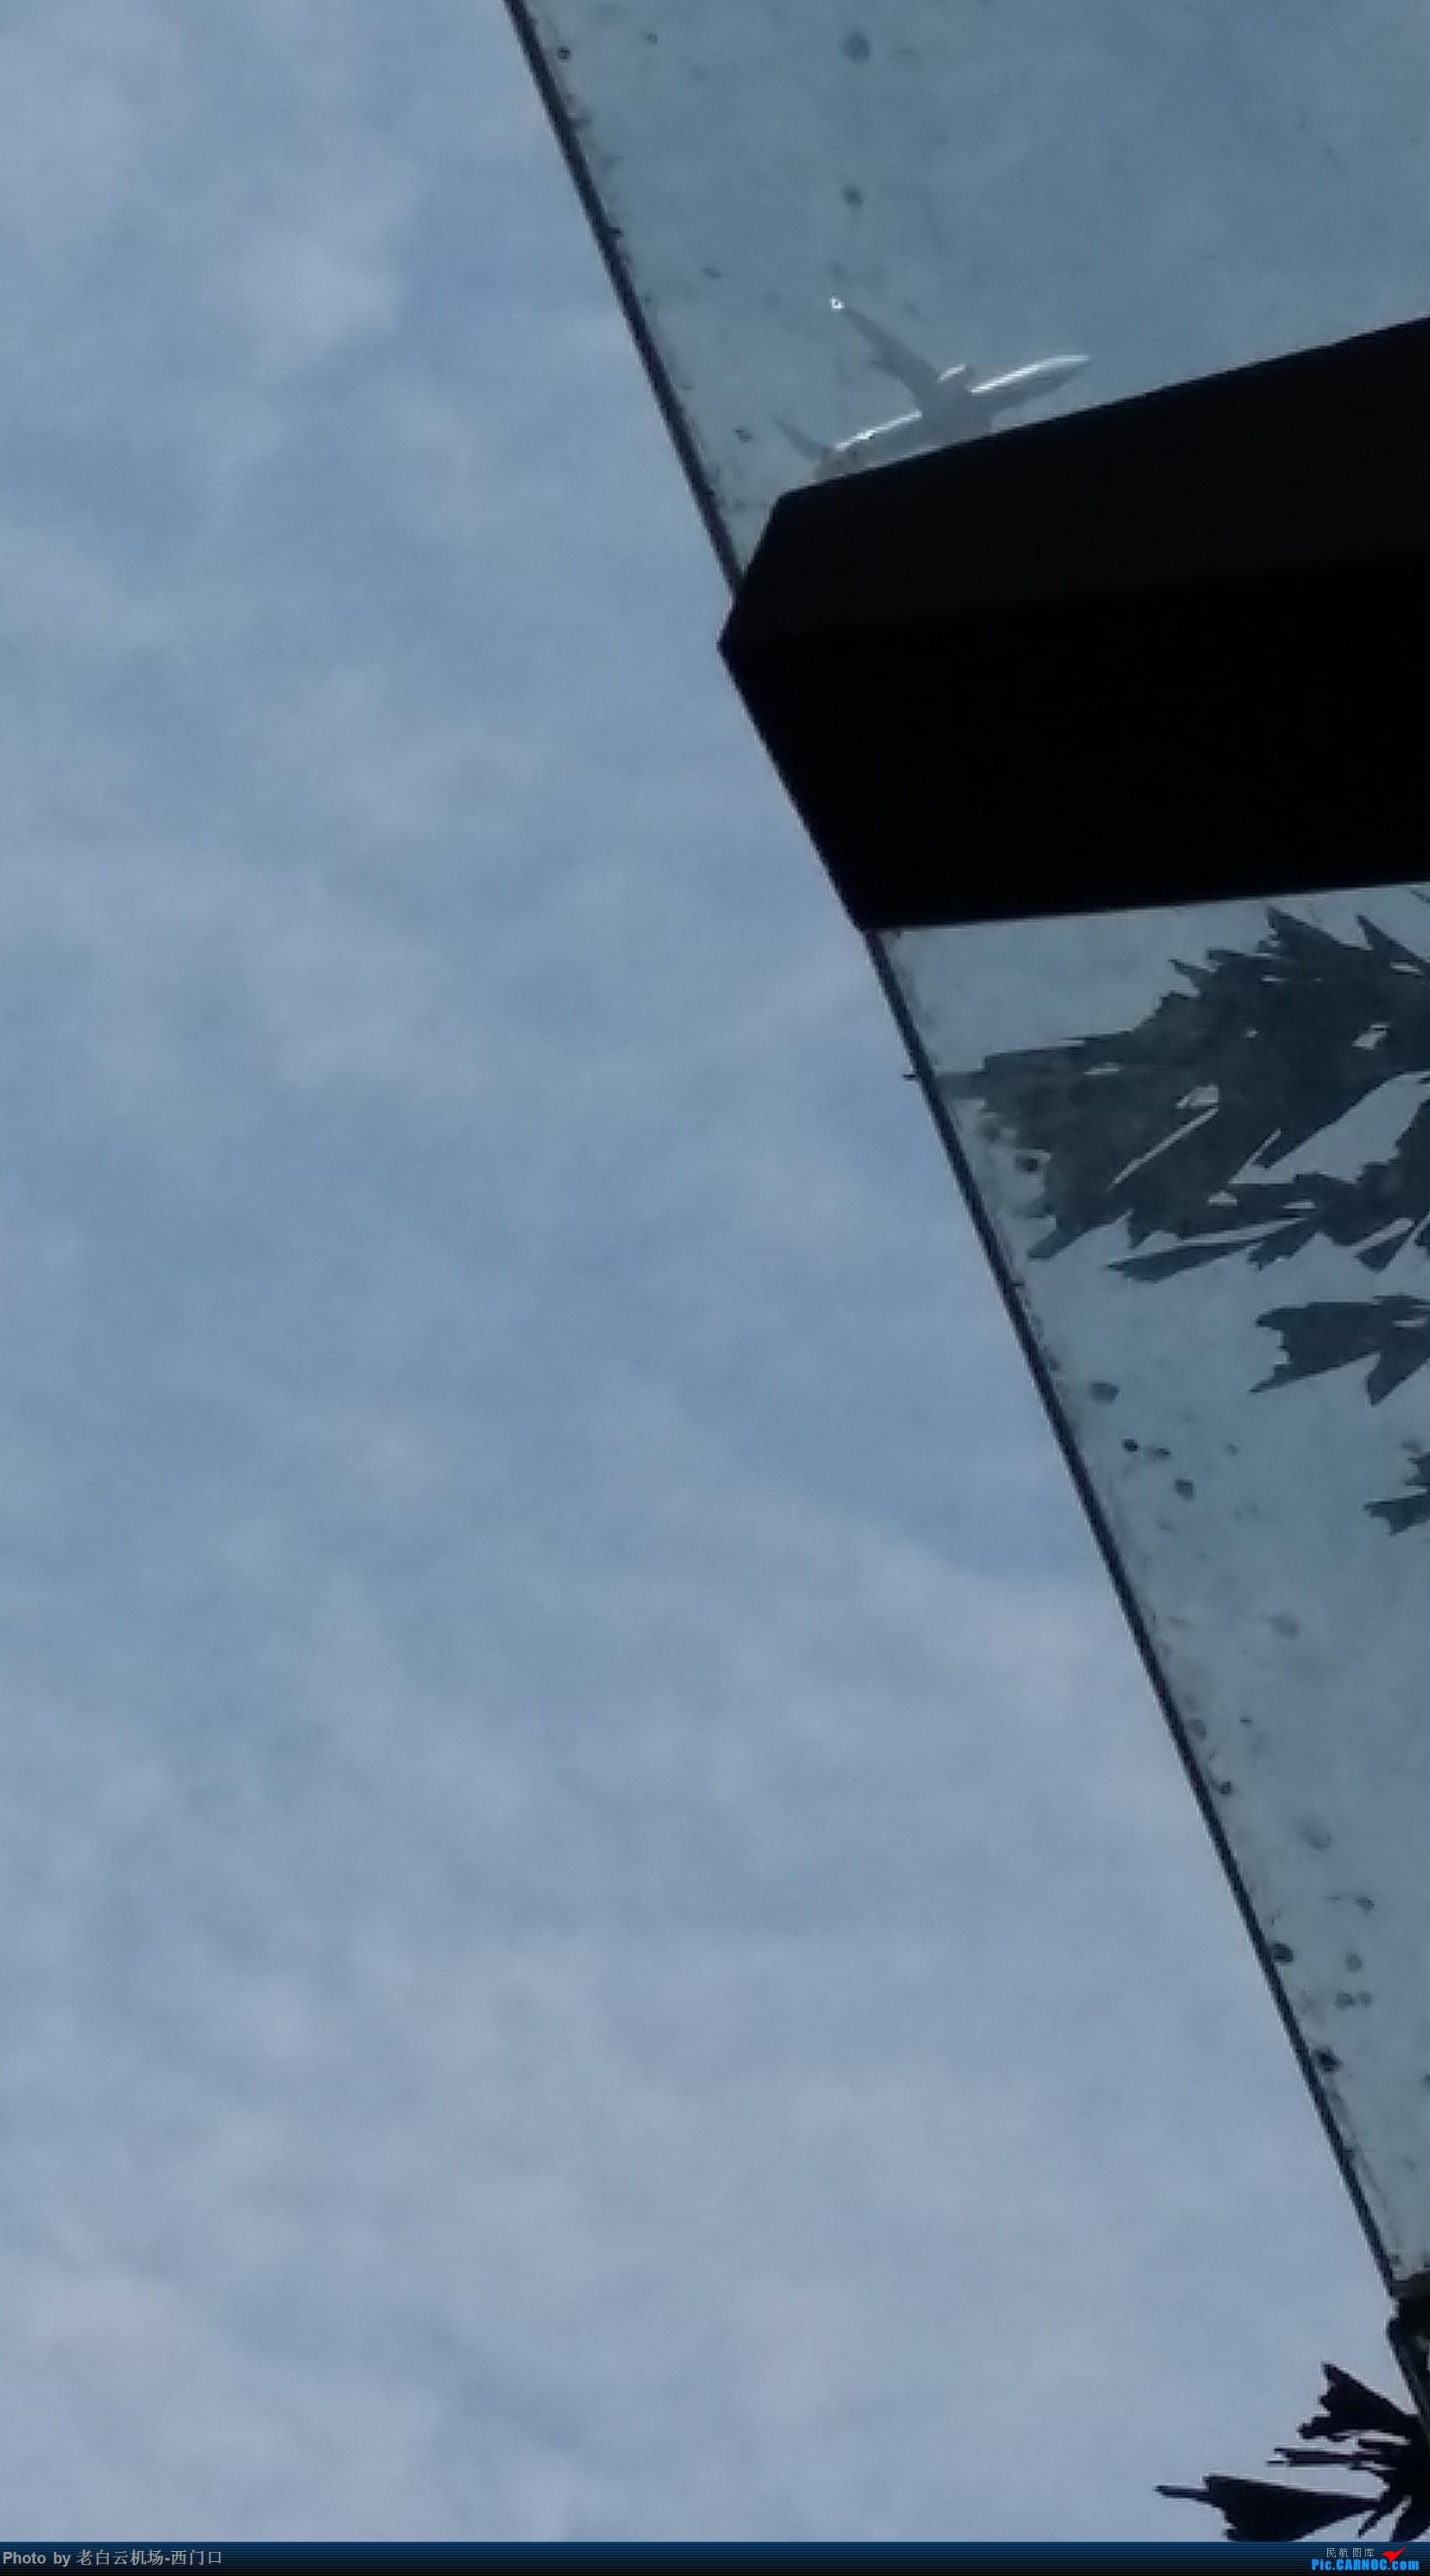 Re:[原创]【梁泽希拍机故事12】2019年第九、第十、第十一、第十二次拍机 BOEING 737-800 不明 中国广东省广州市荔湾区西门口广场上空